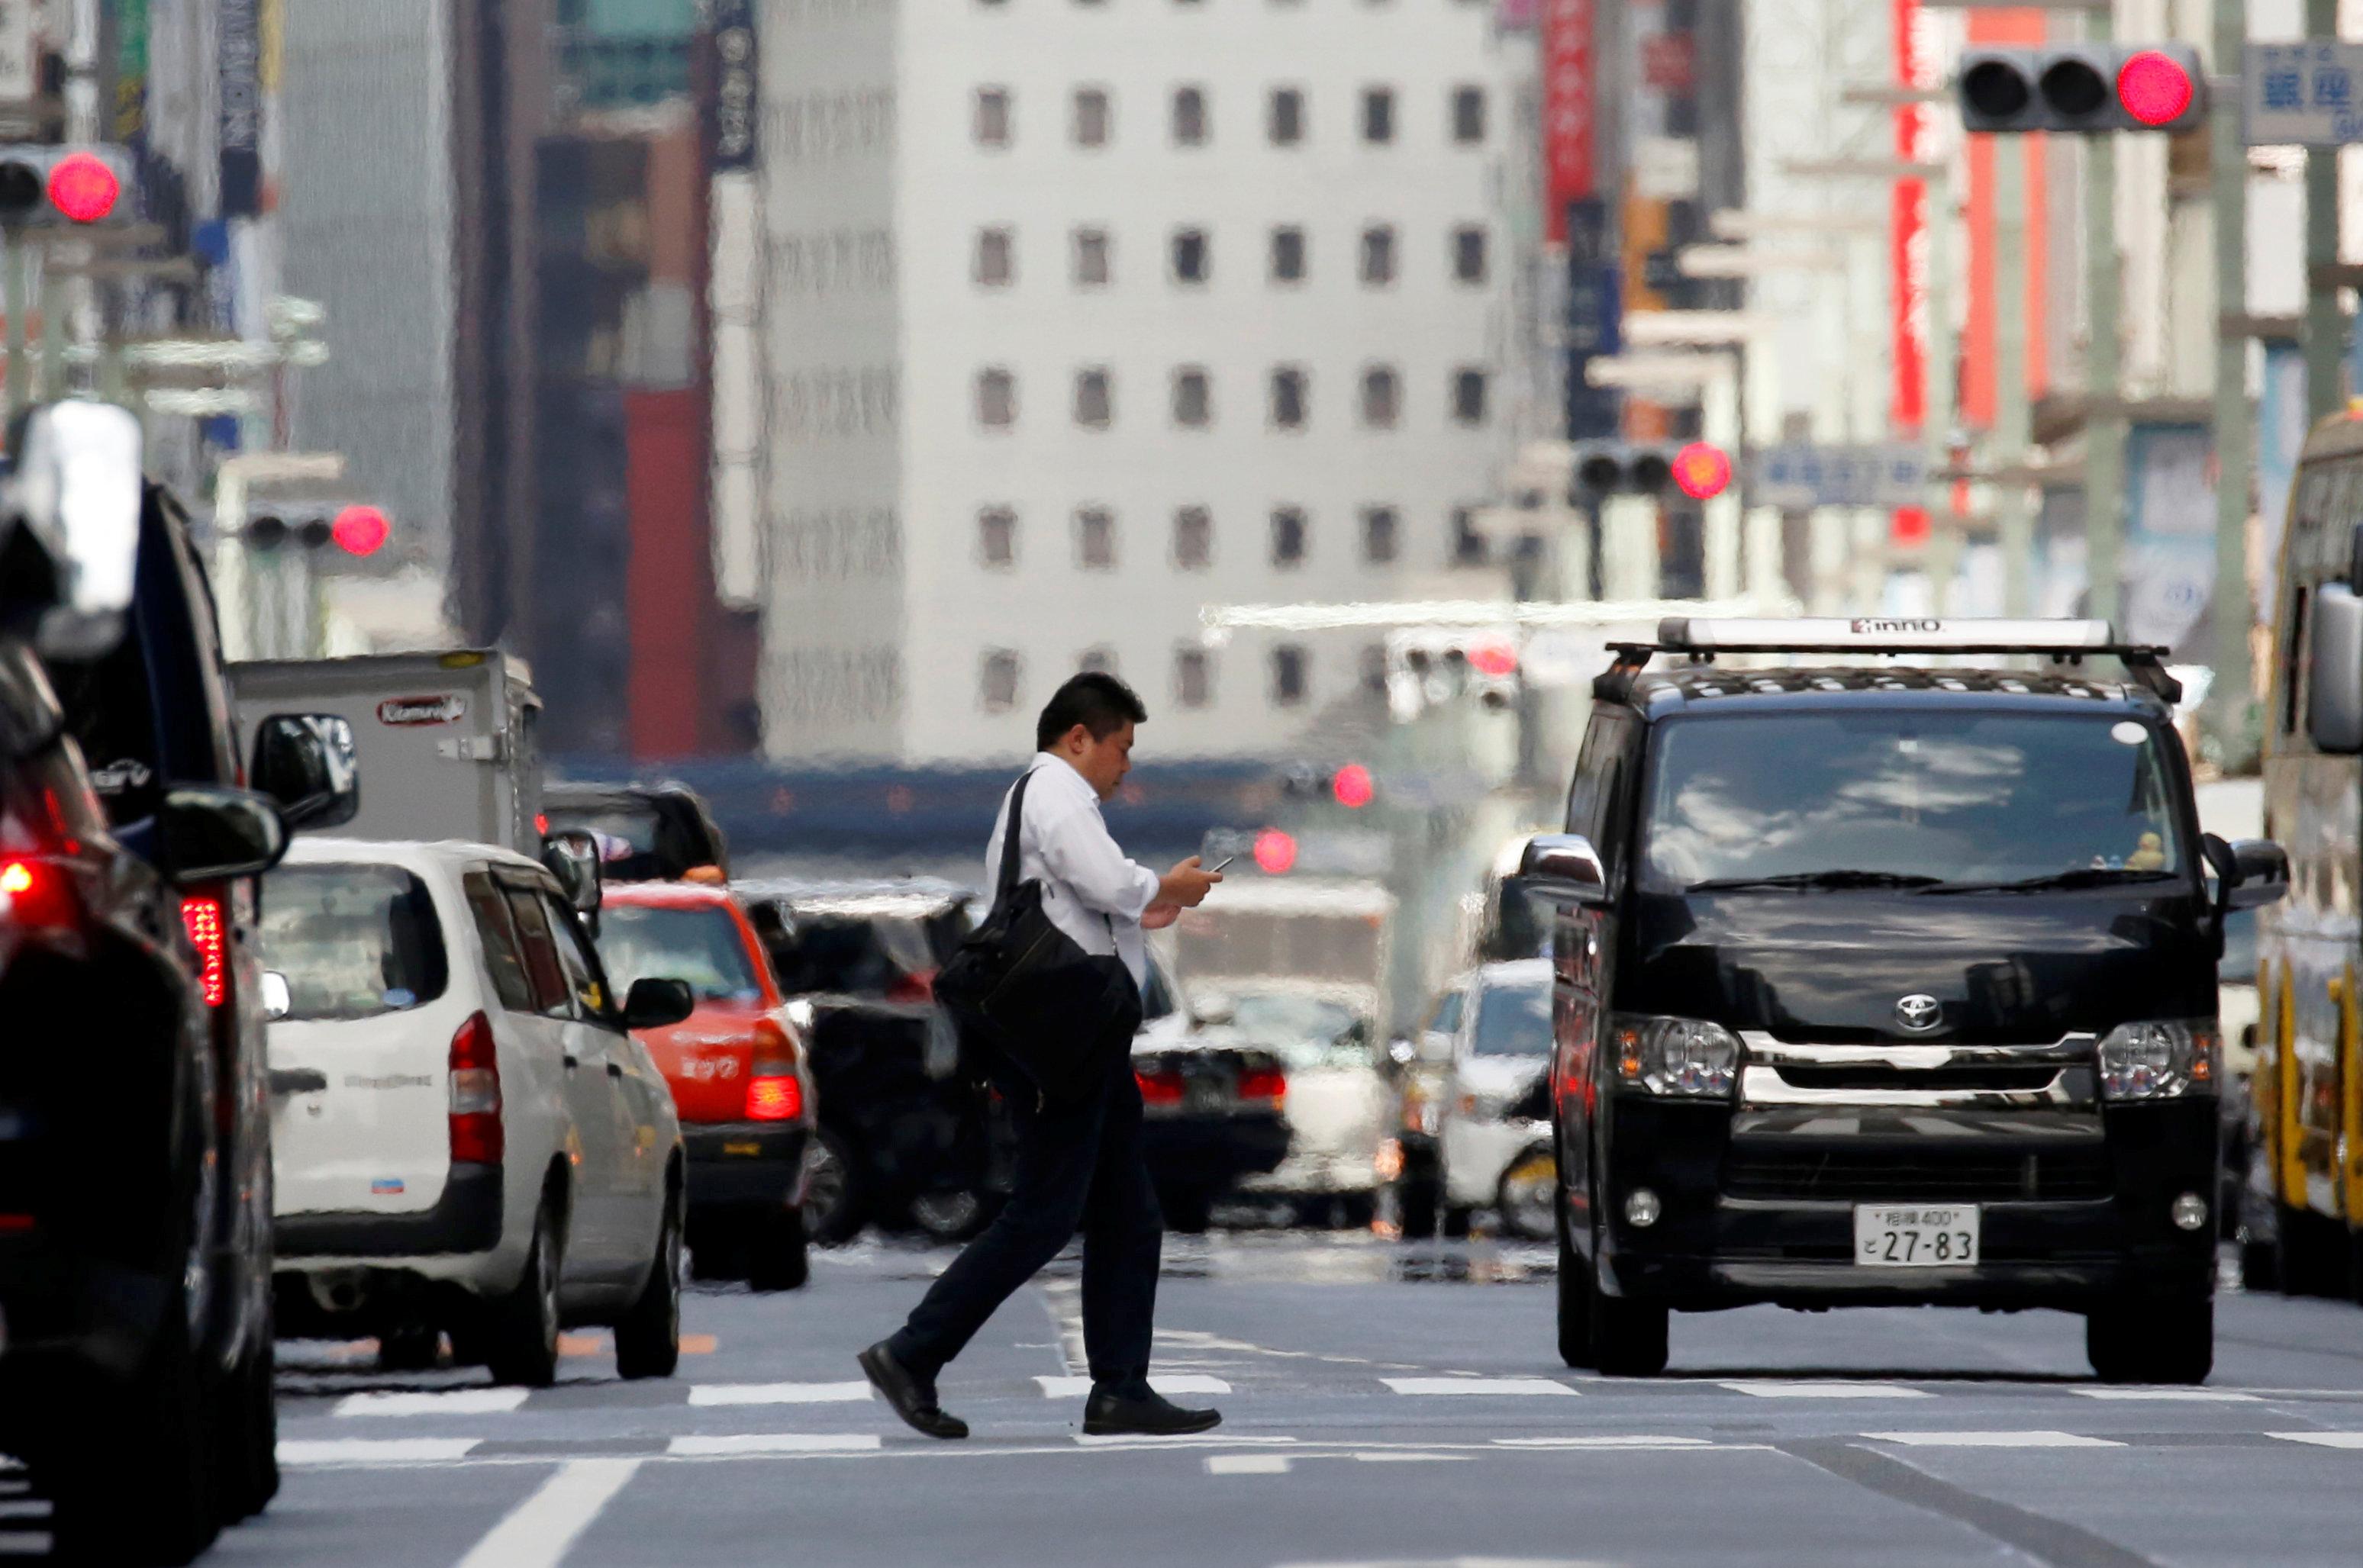 Japan heatwave - man on crosswalk